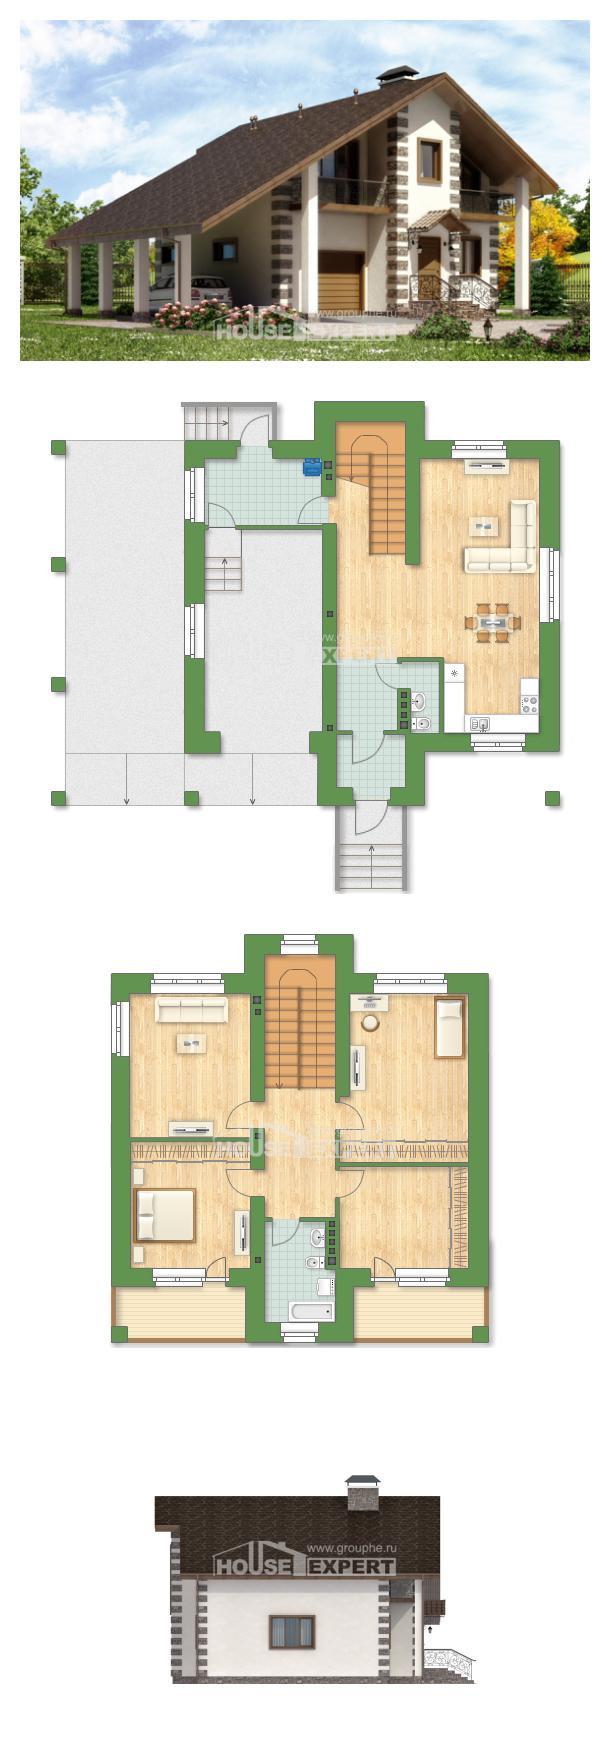 Plan 150-003-L | House Expert